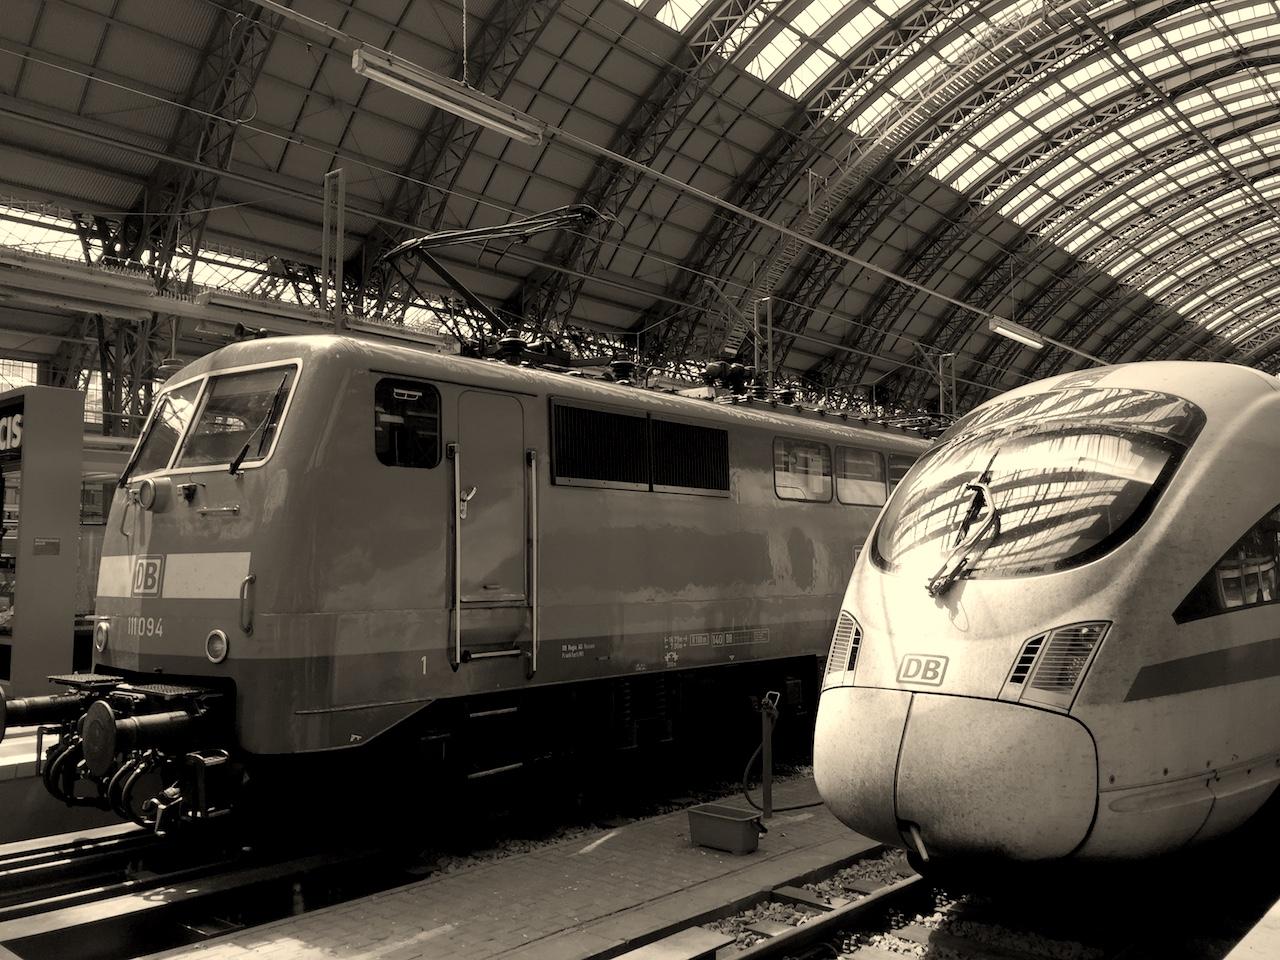 【購入ガイド】夜行列車ユーロナイトのチケットの予約方法を解説